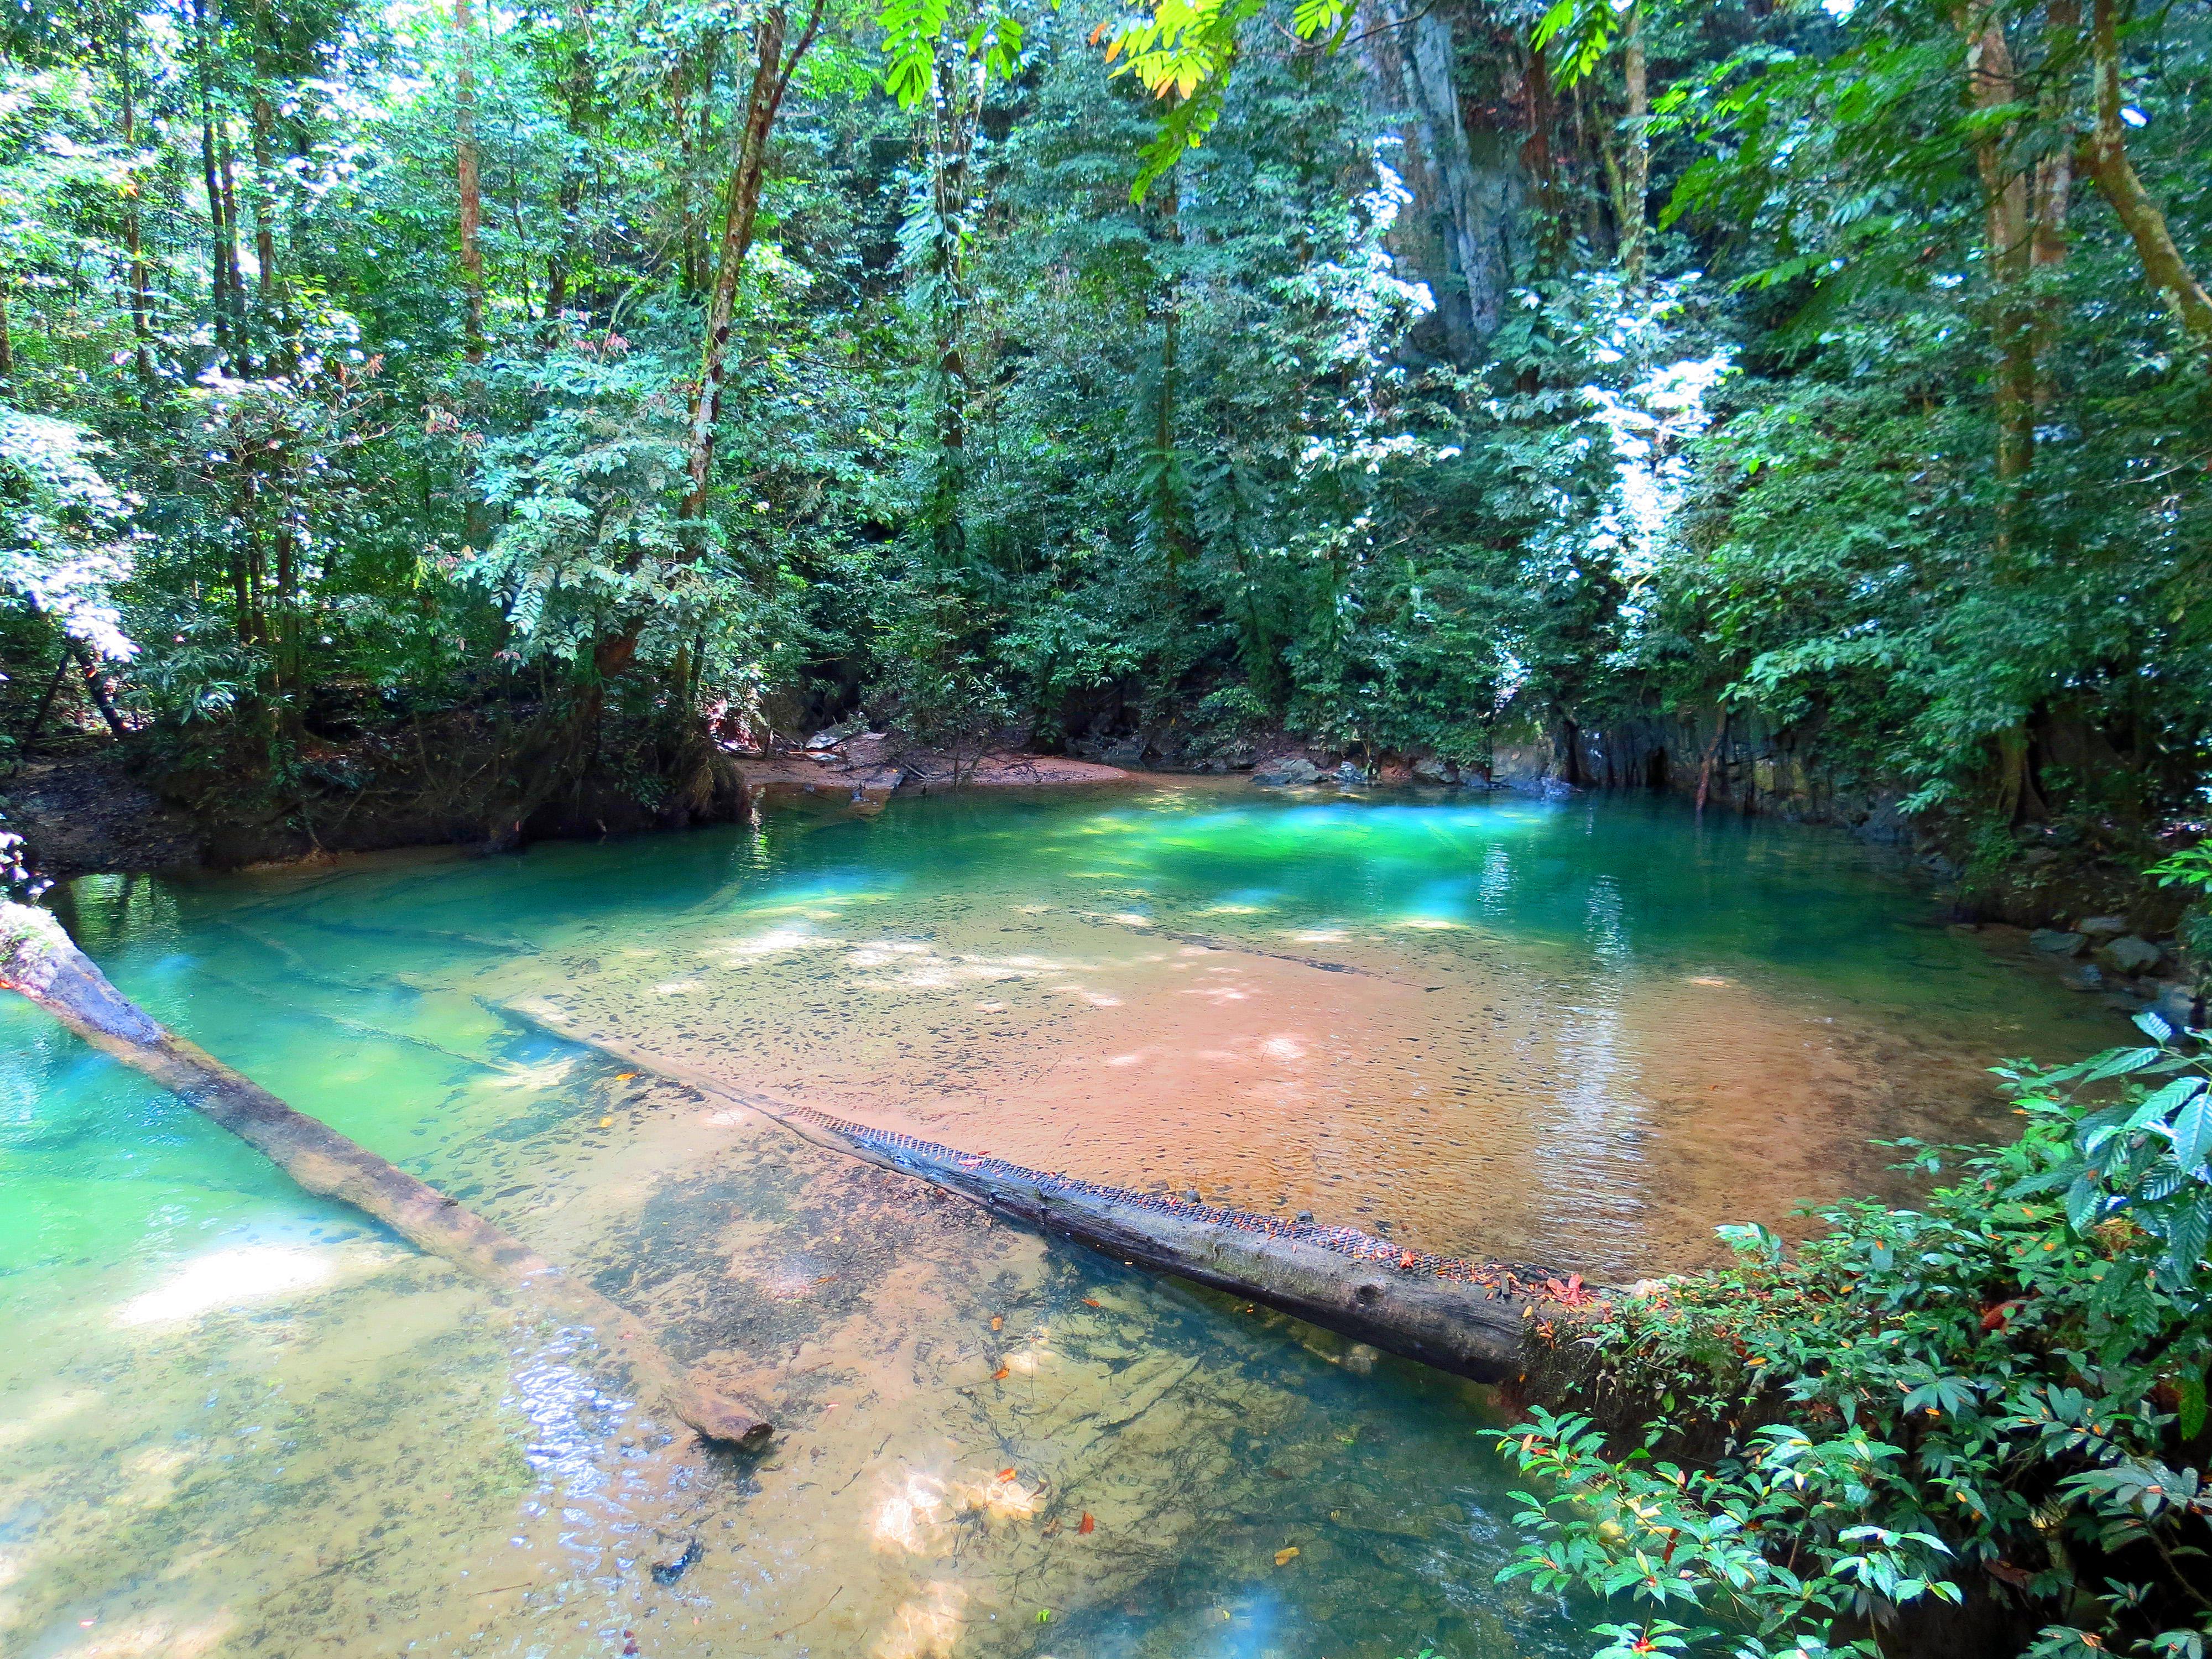 Rondreis Borneo-Het afgelegen Gunung Mulu Nationaal Park in Maleisisch Borneo